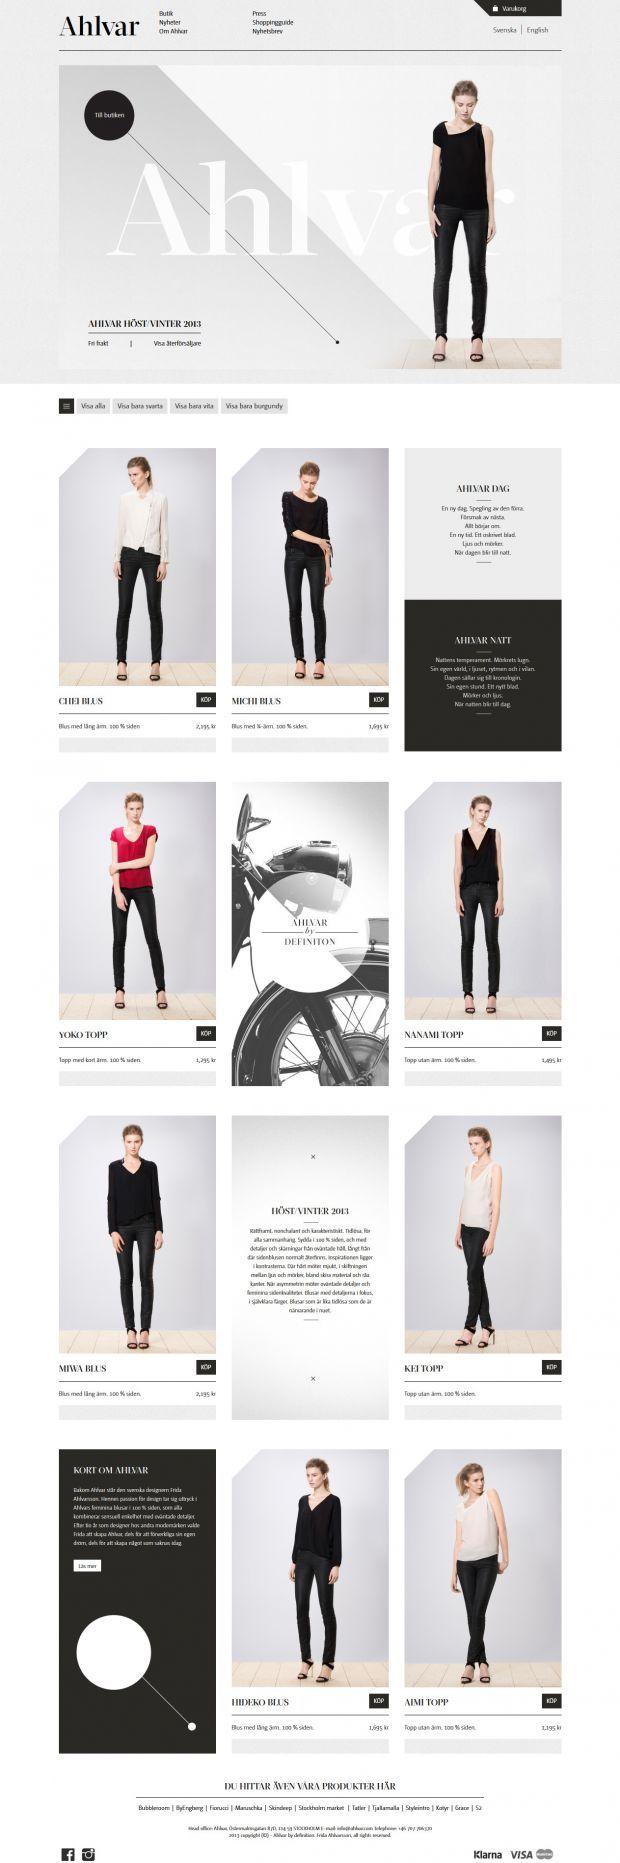 <> Blusar och toppar dag och natt - Ahlvar - Webdesign inspiration www.niceoneilike.com